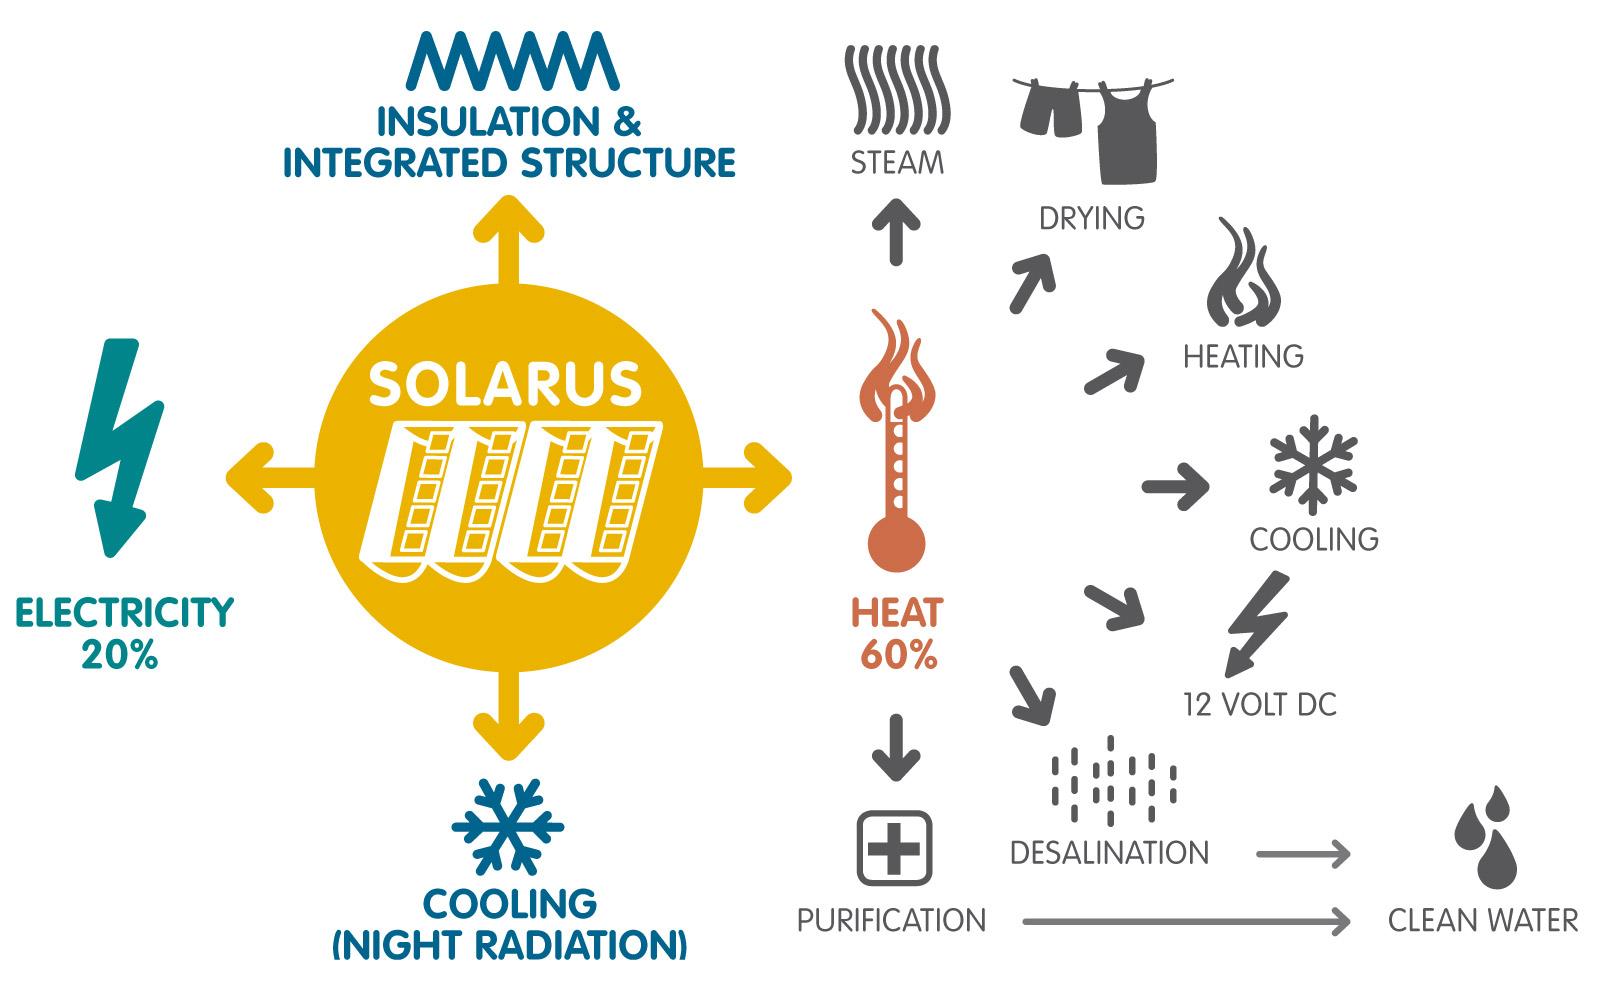 Solarus vestigt met 70% rendement nieuwe standaard in zonne-energie